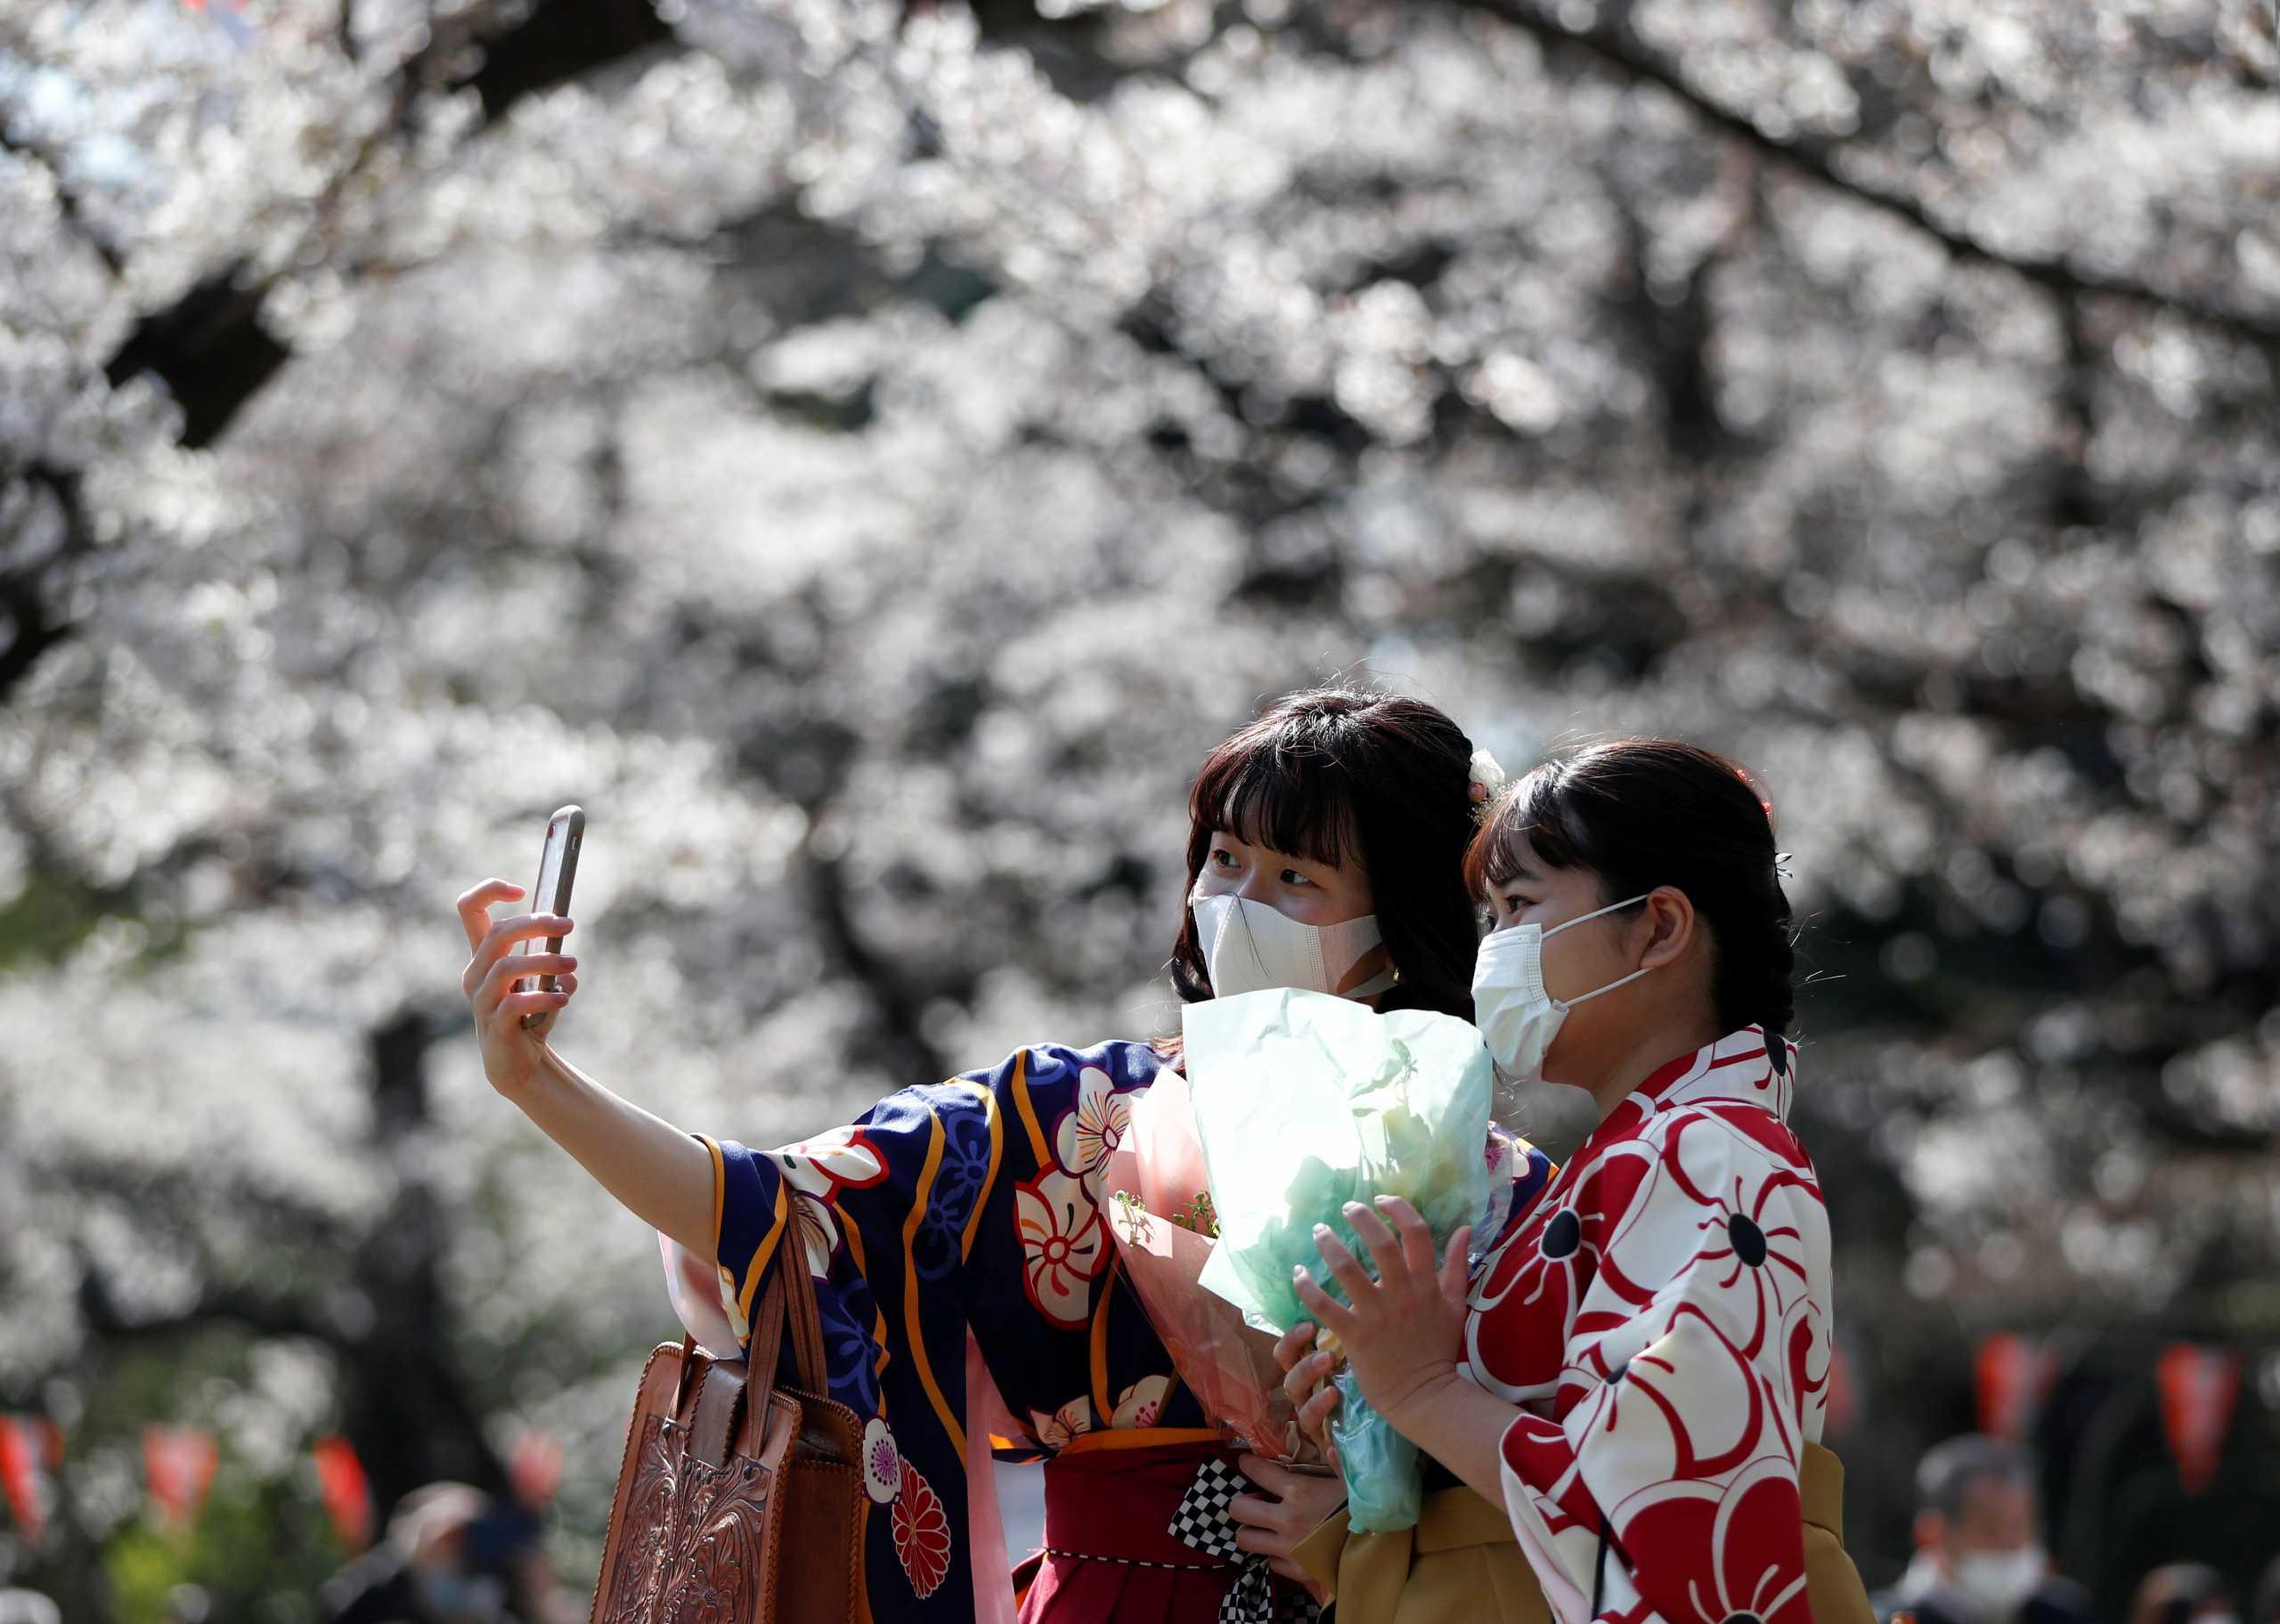 Ιαπωνία: Ο κορονοϊός «φρενάρει» τους εορτασμούς για τις ανθισμένες κερασιές (pics)